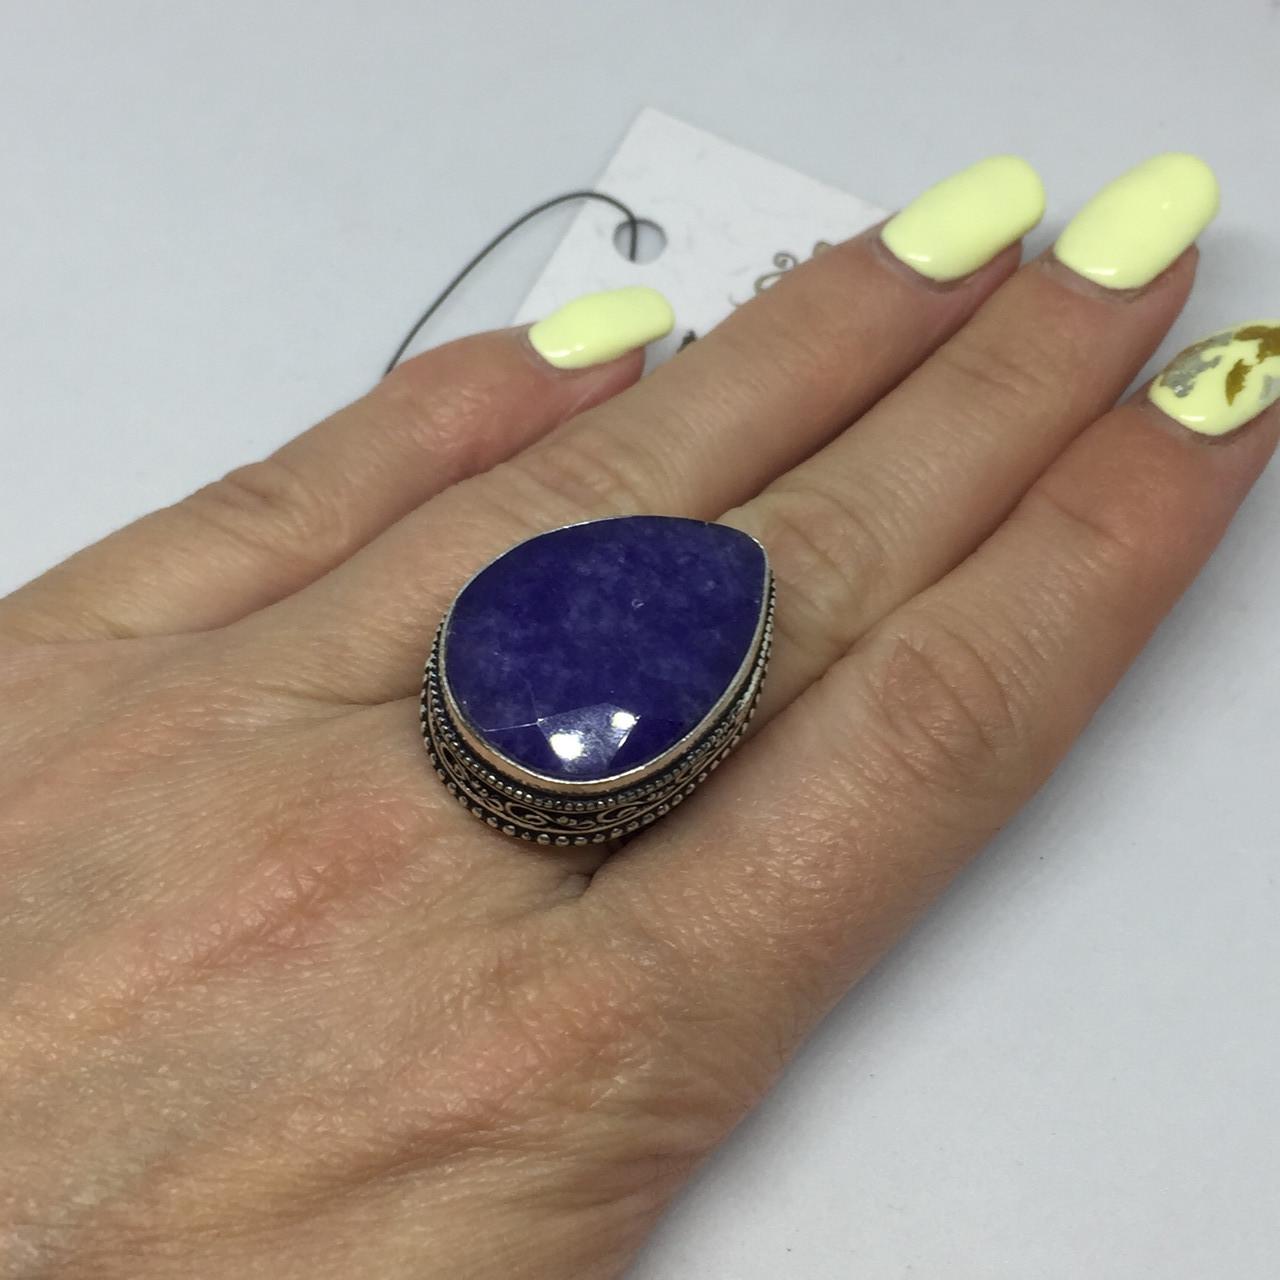 Сапфир кольцо капля 17,5 размер с индийским сапфиром в серебре Индия